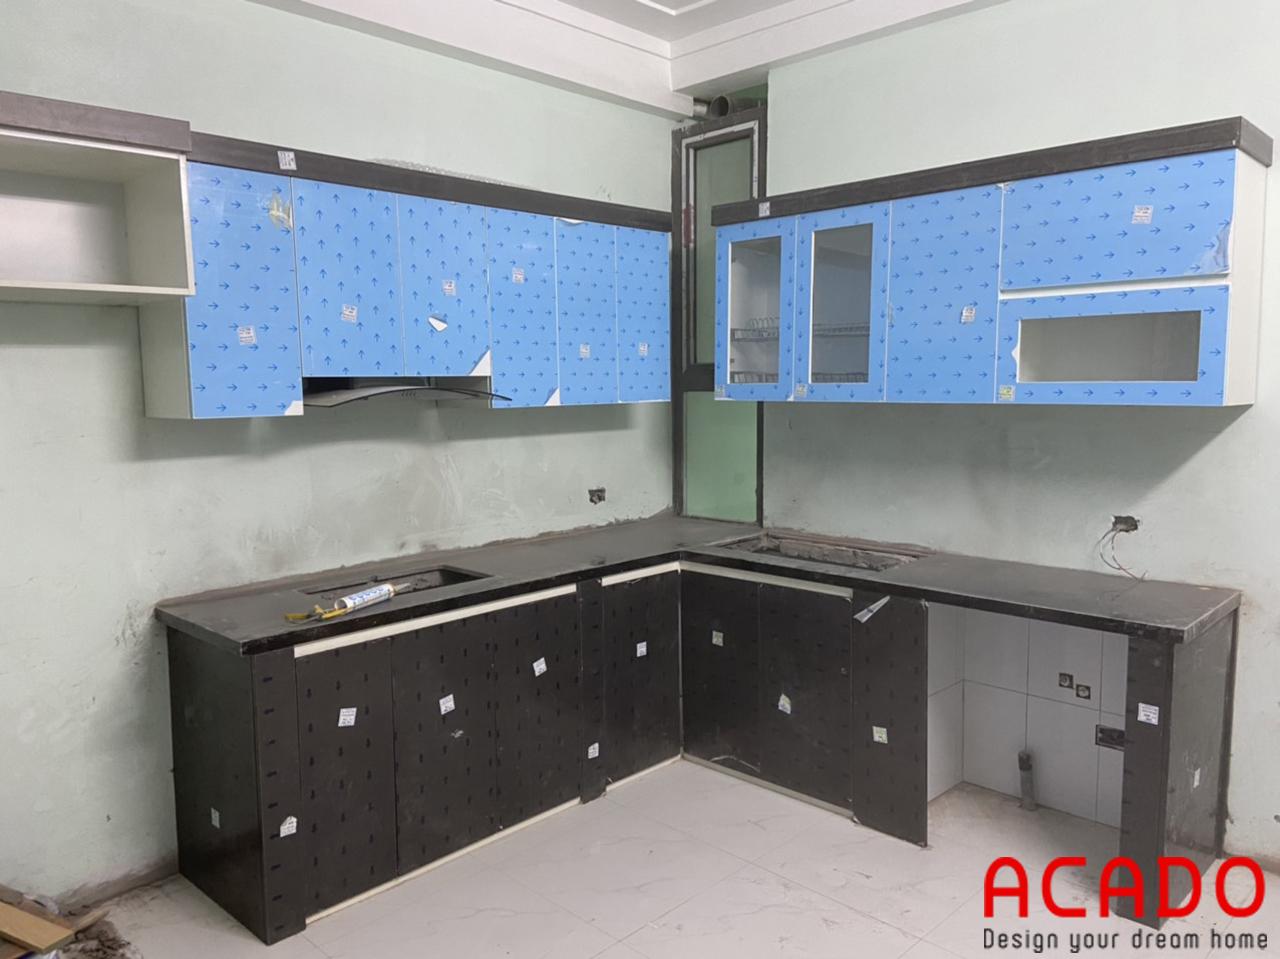 Tủ bếp khung nhựa Picomat cánh chất liệu gỗ công nghiệp Acrylic bóng gương